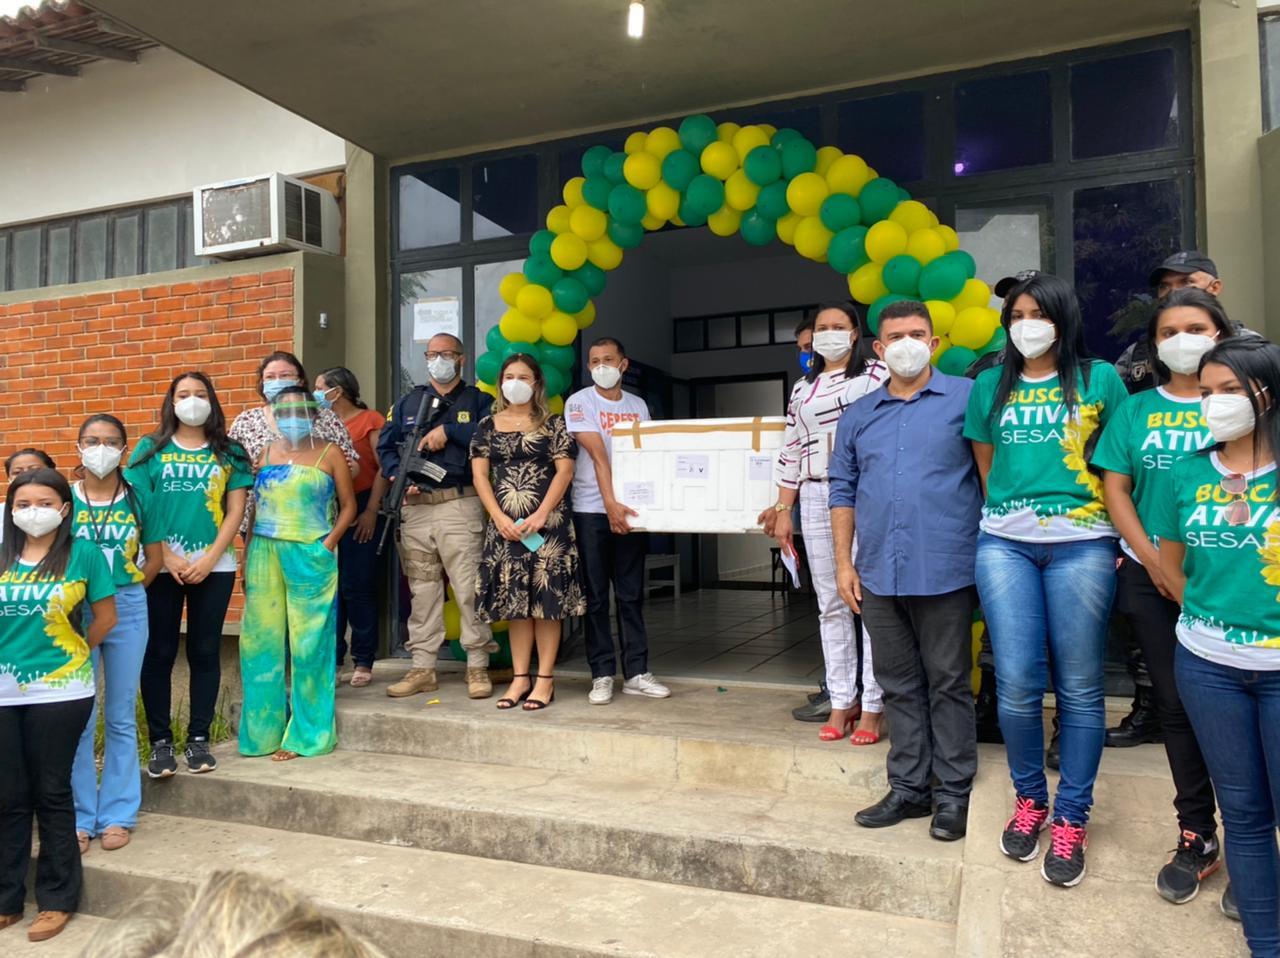 Municípios do Piauí recebem primeiras doses da vacina contra Covid-19 - Imagem 5